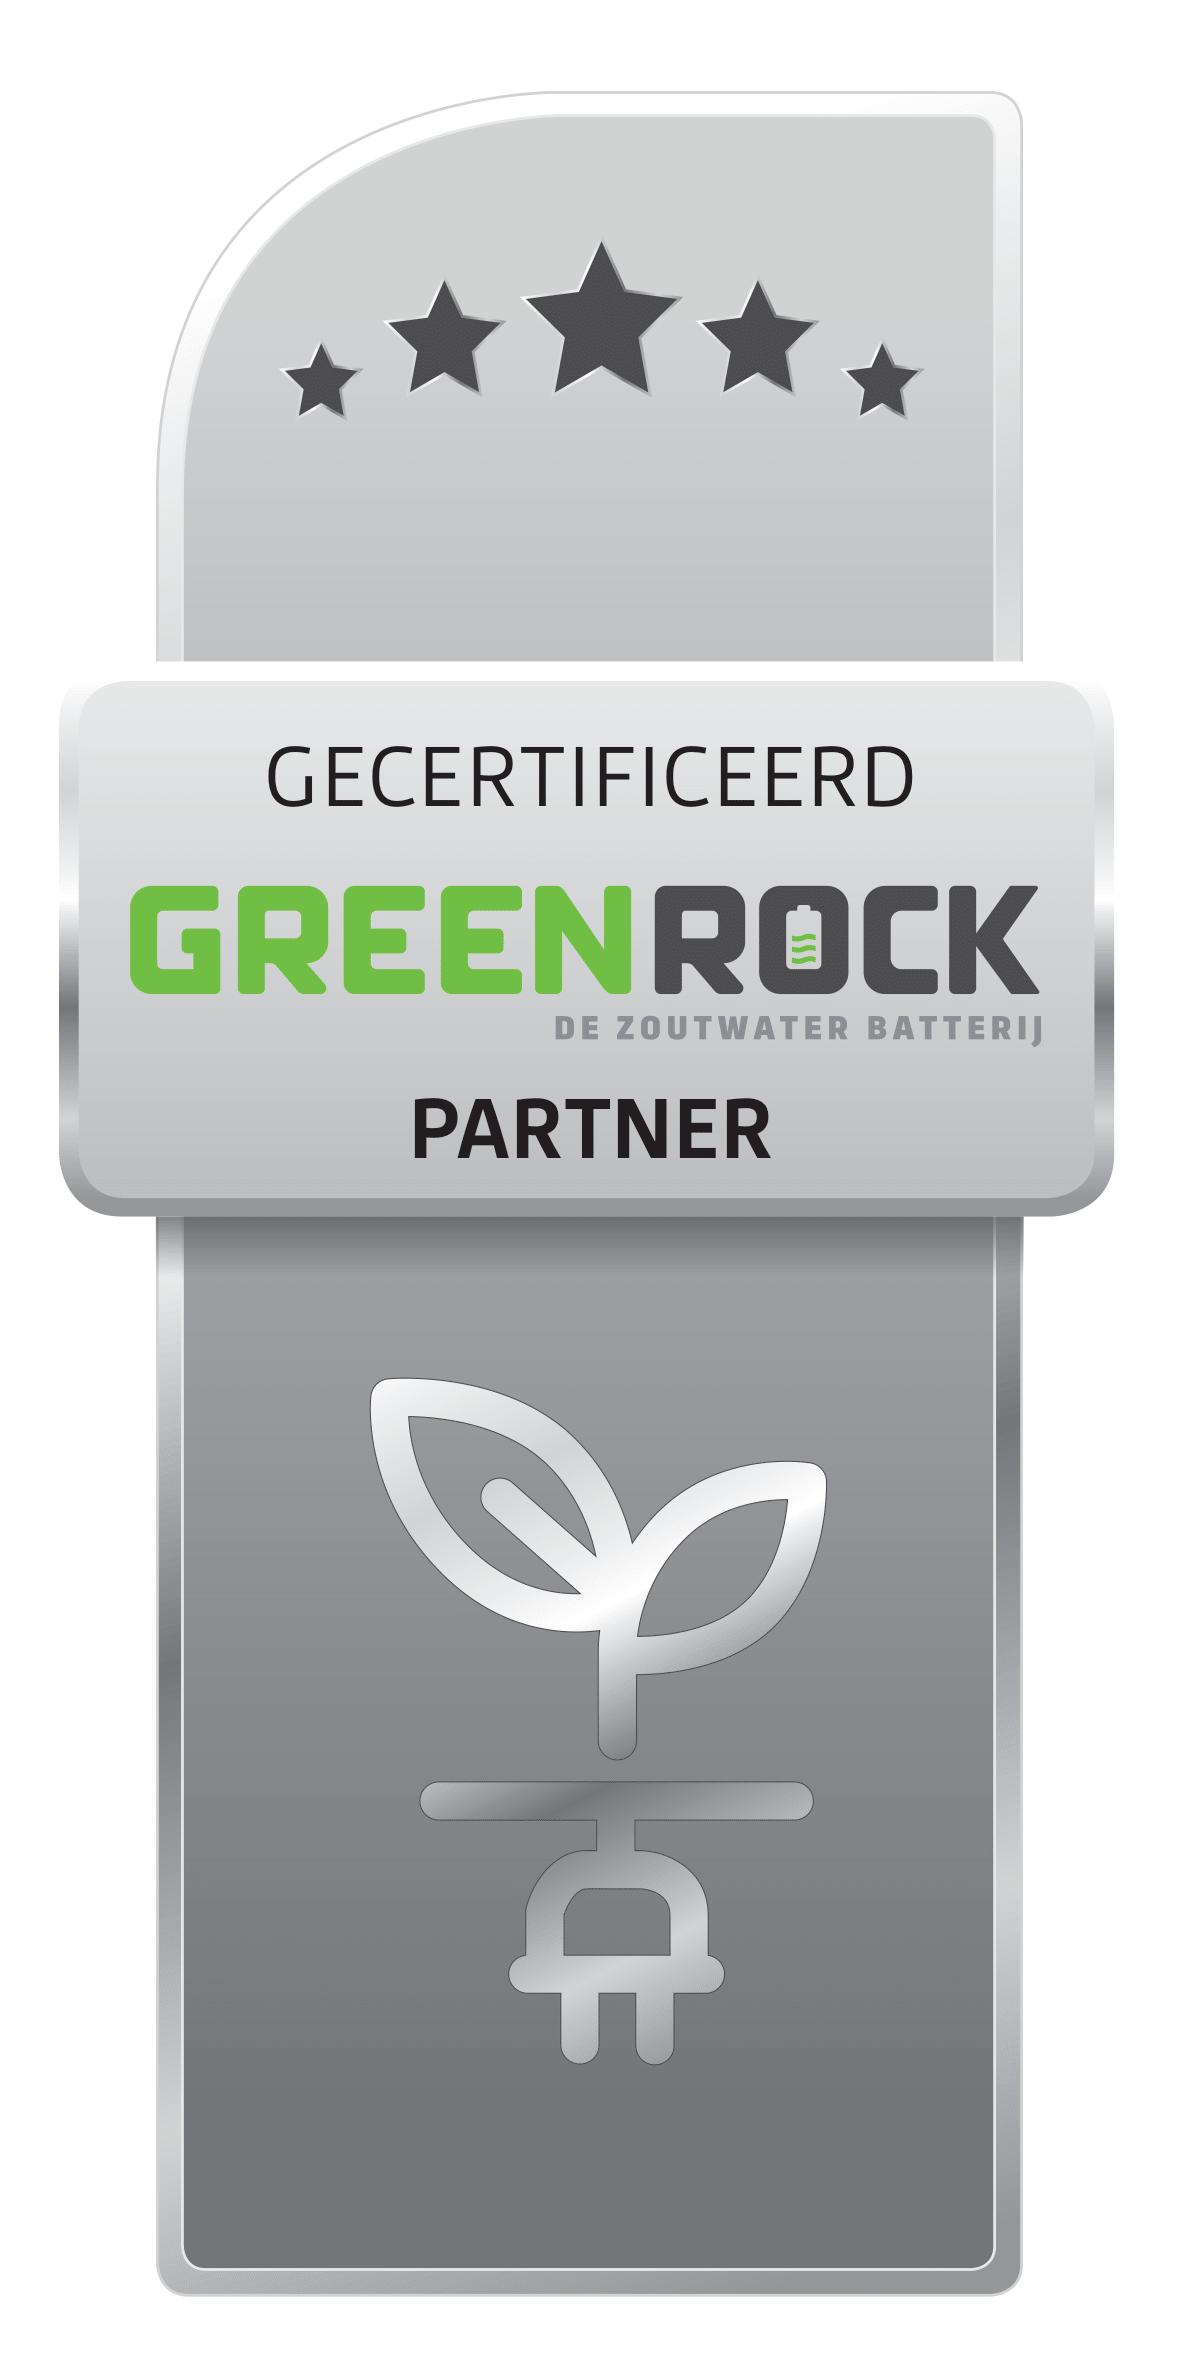 Green-rock certified